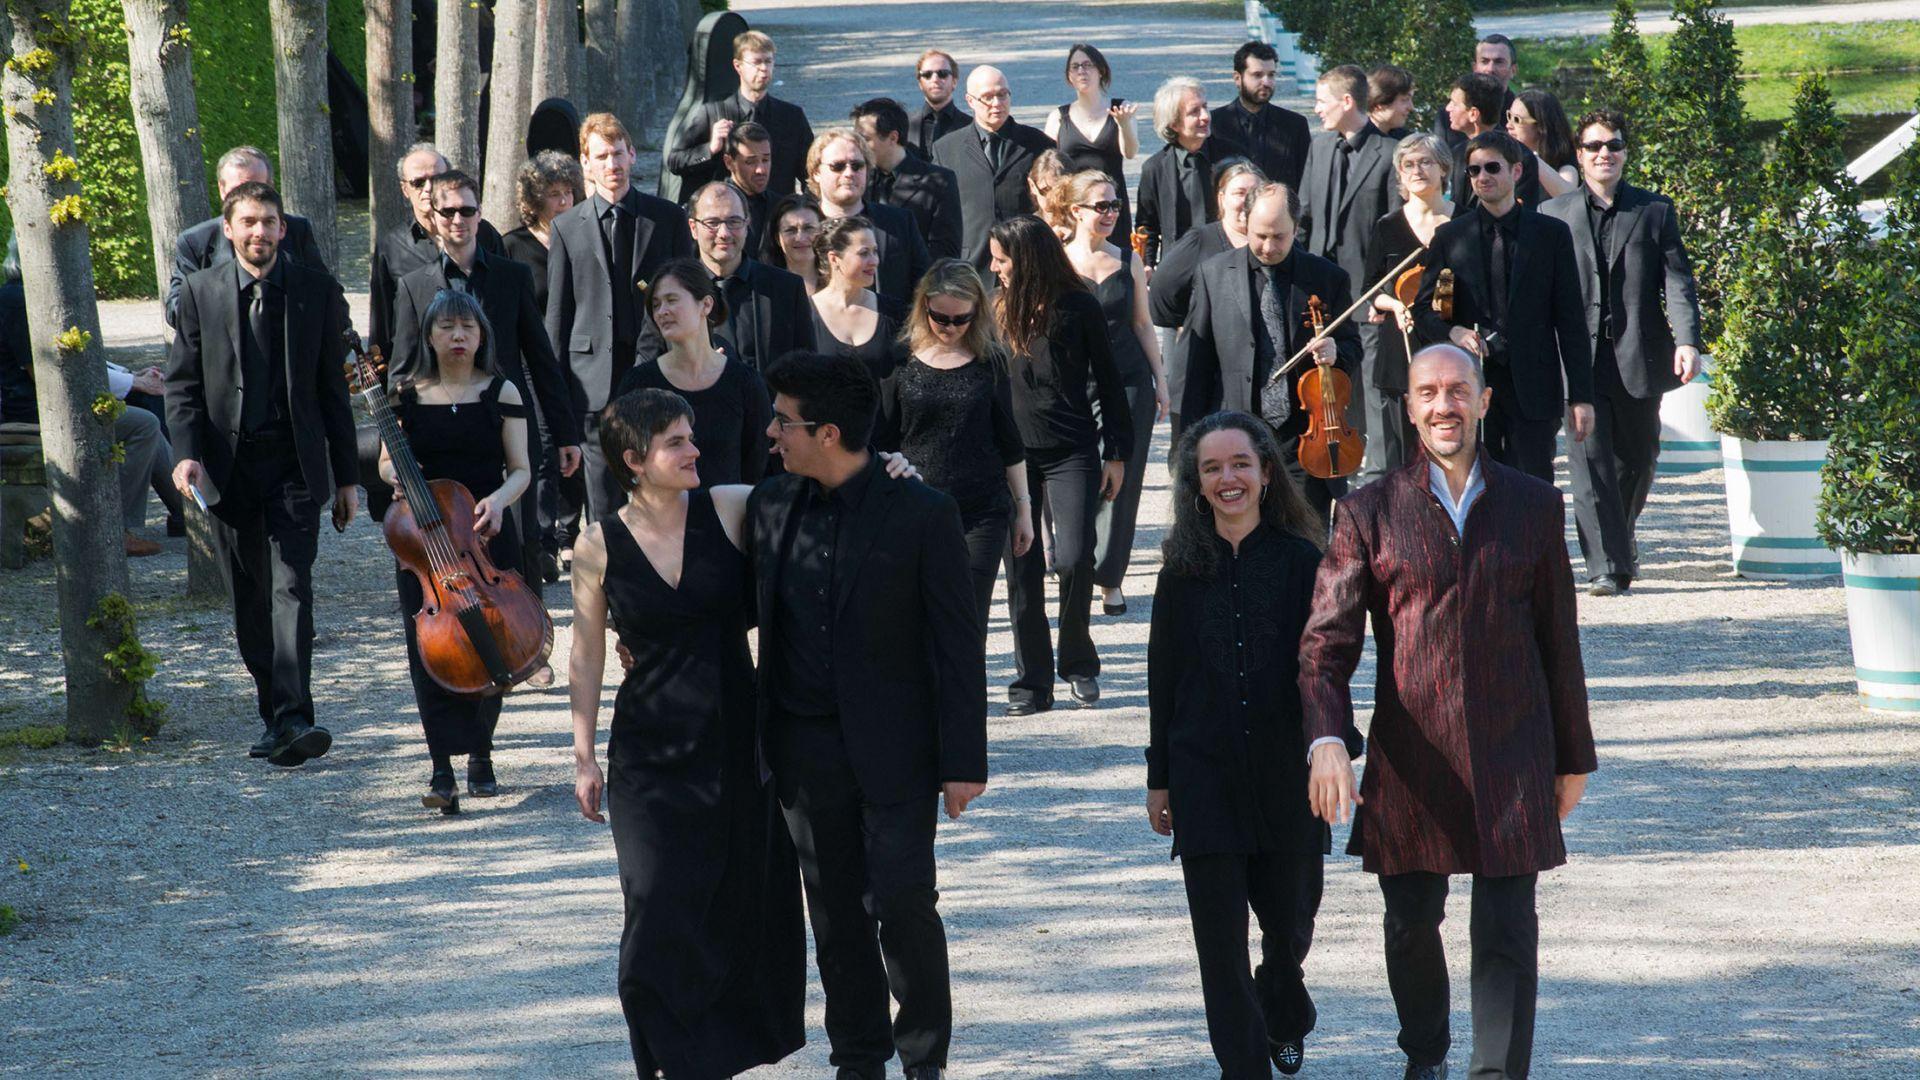 Résidence croisée Le Concert Spirituel Théâtre des Champs Elysées